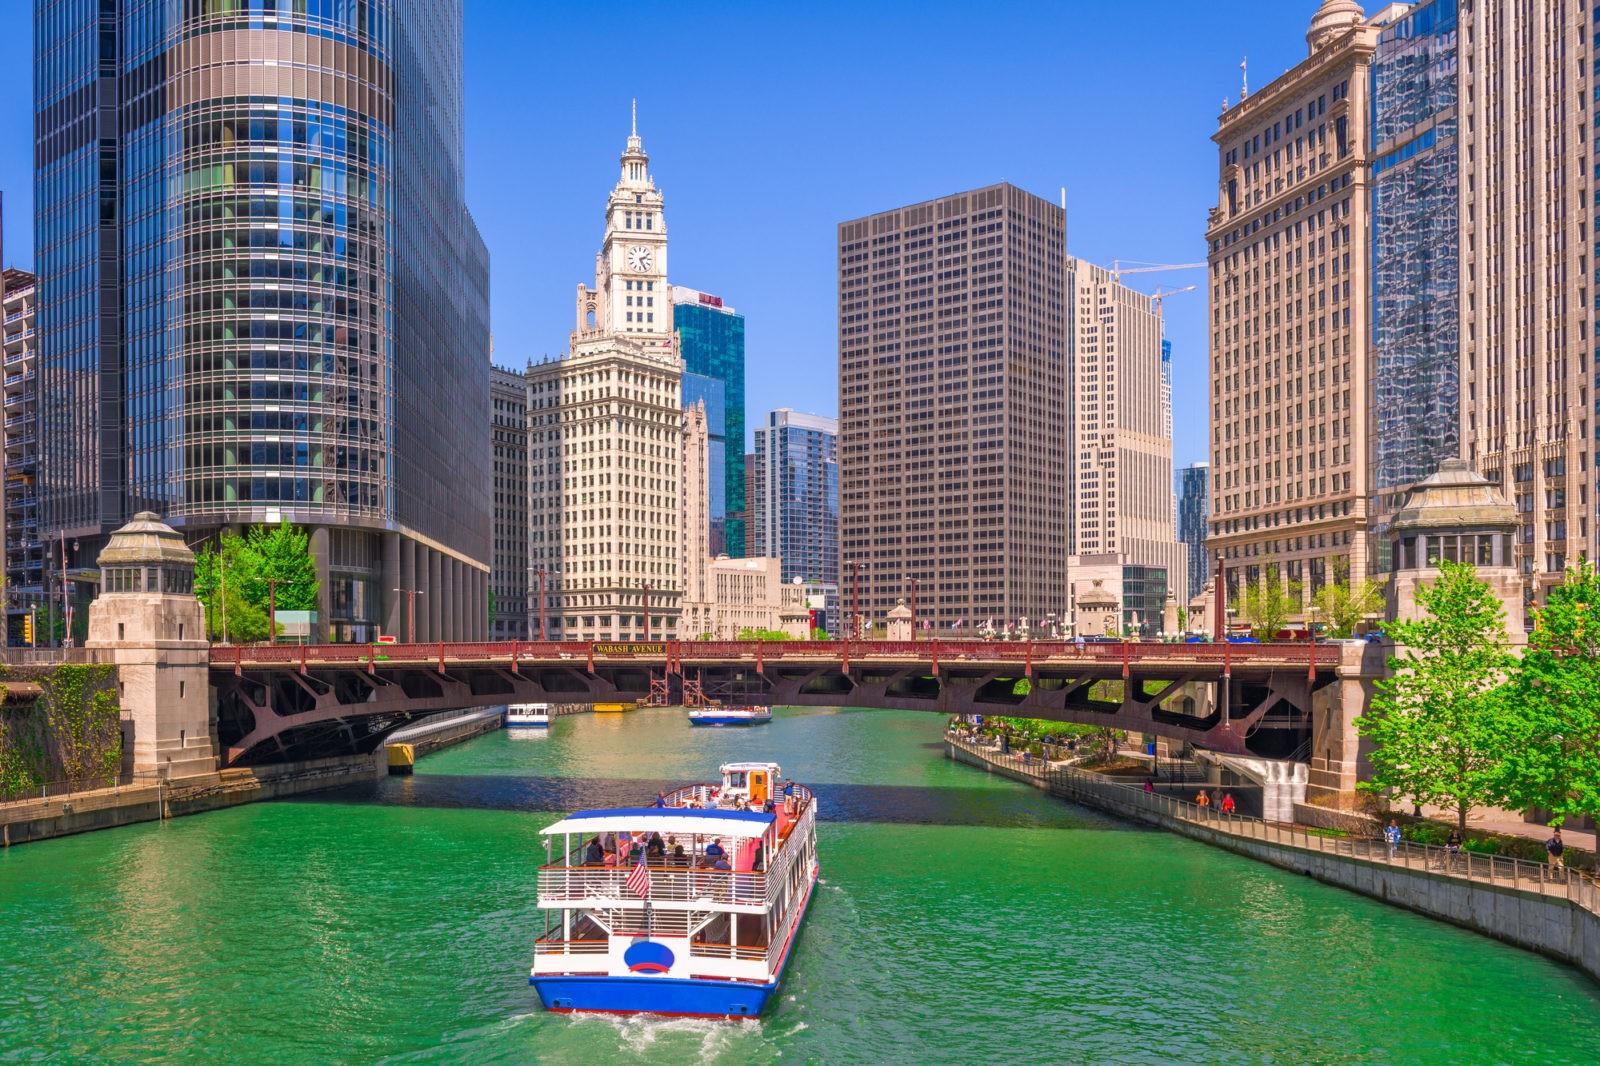 """Виза в США в СПб» и подпись к ней: «В Чикаго тоже есть набережные и разводные мосты и почему еще наши города не стали побратимами?» Альт для неглавной: «Американская виза в СПб» и подпись к ней: """"""""Буду тратить много денег в Лас-Вегасе"""" – отличное объяснение, почему вам надо в США. Только по вам должно быть видно, что вы будете это делать ☺)"""" Альт для РОСС – «виза в США в Питере» и подпись к ней: «Посетить Форт Росс – отличная цель поездки. И патриотические чувства в порядке и понятно, зачем нужно в США». Фотки расскидать куда нибудь по тексту ☺) Оформляем визу в США в Санкт-Петербурге. Как это происходит после закрытия консульства? – h1 В 2017 году указом Президента более чем на 60% сократилось представительство дипломатической миссии Соединённых Штатов Америки в России. В результате попасть в Америку стало значительно сложнее. Интернет пестрит противоречивой информацией на"""